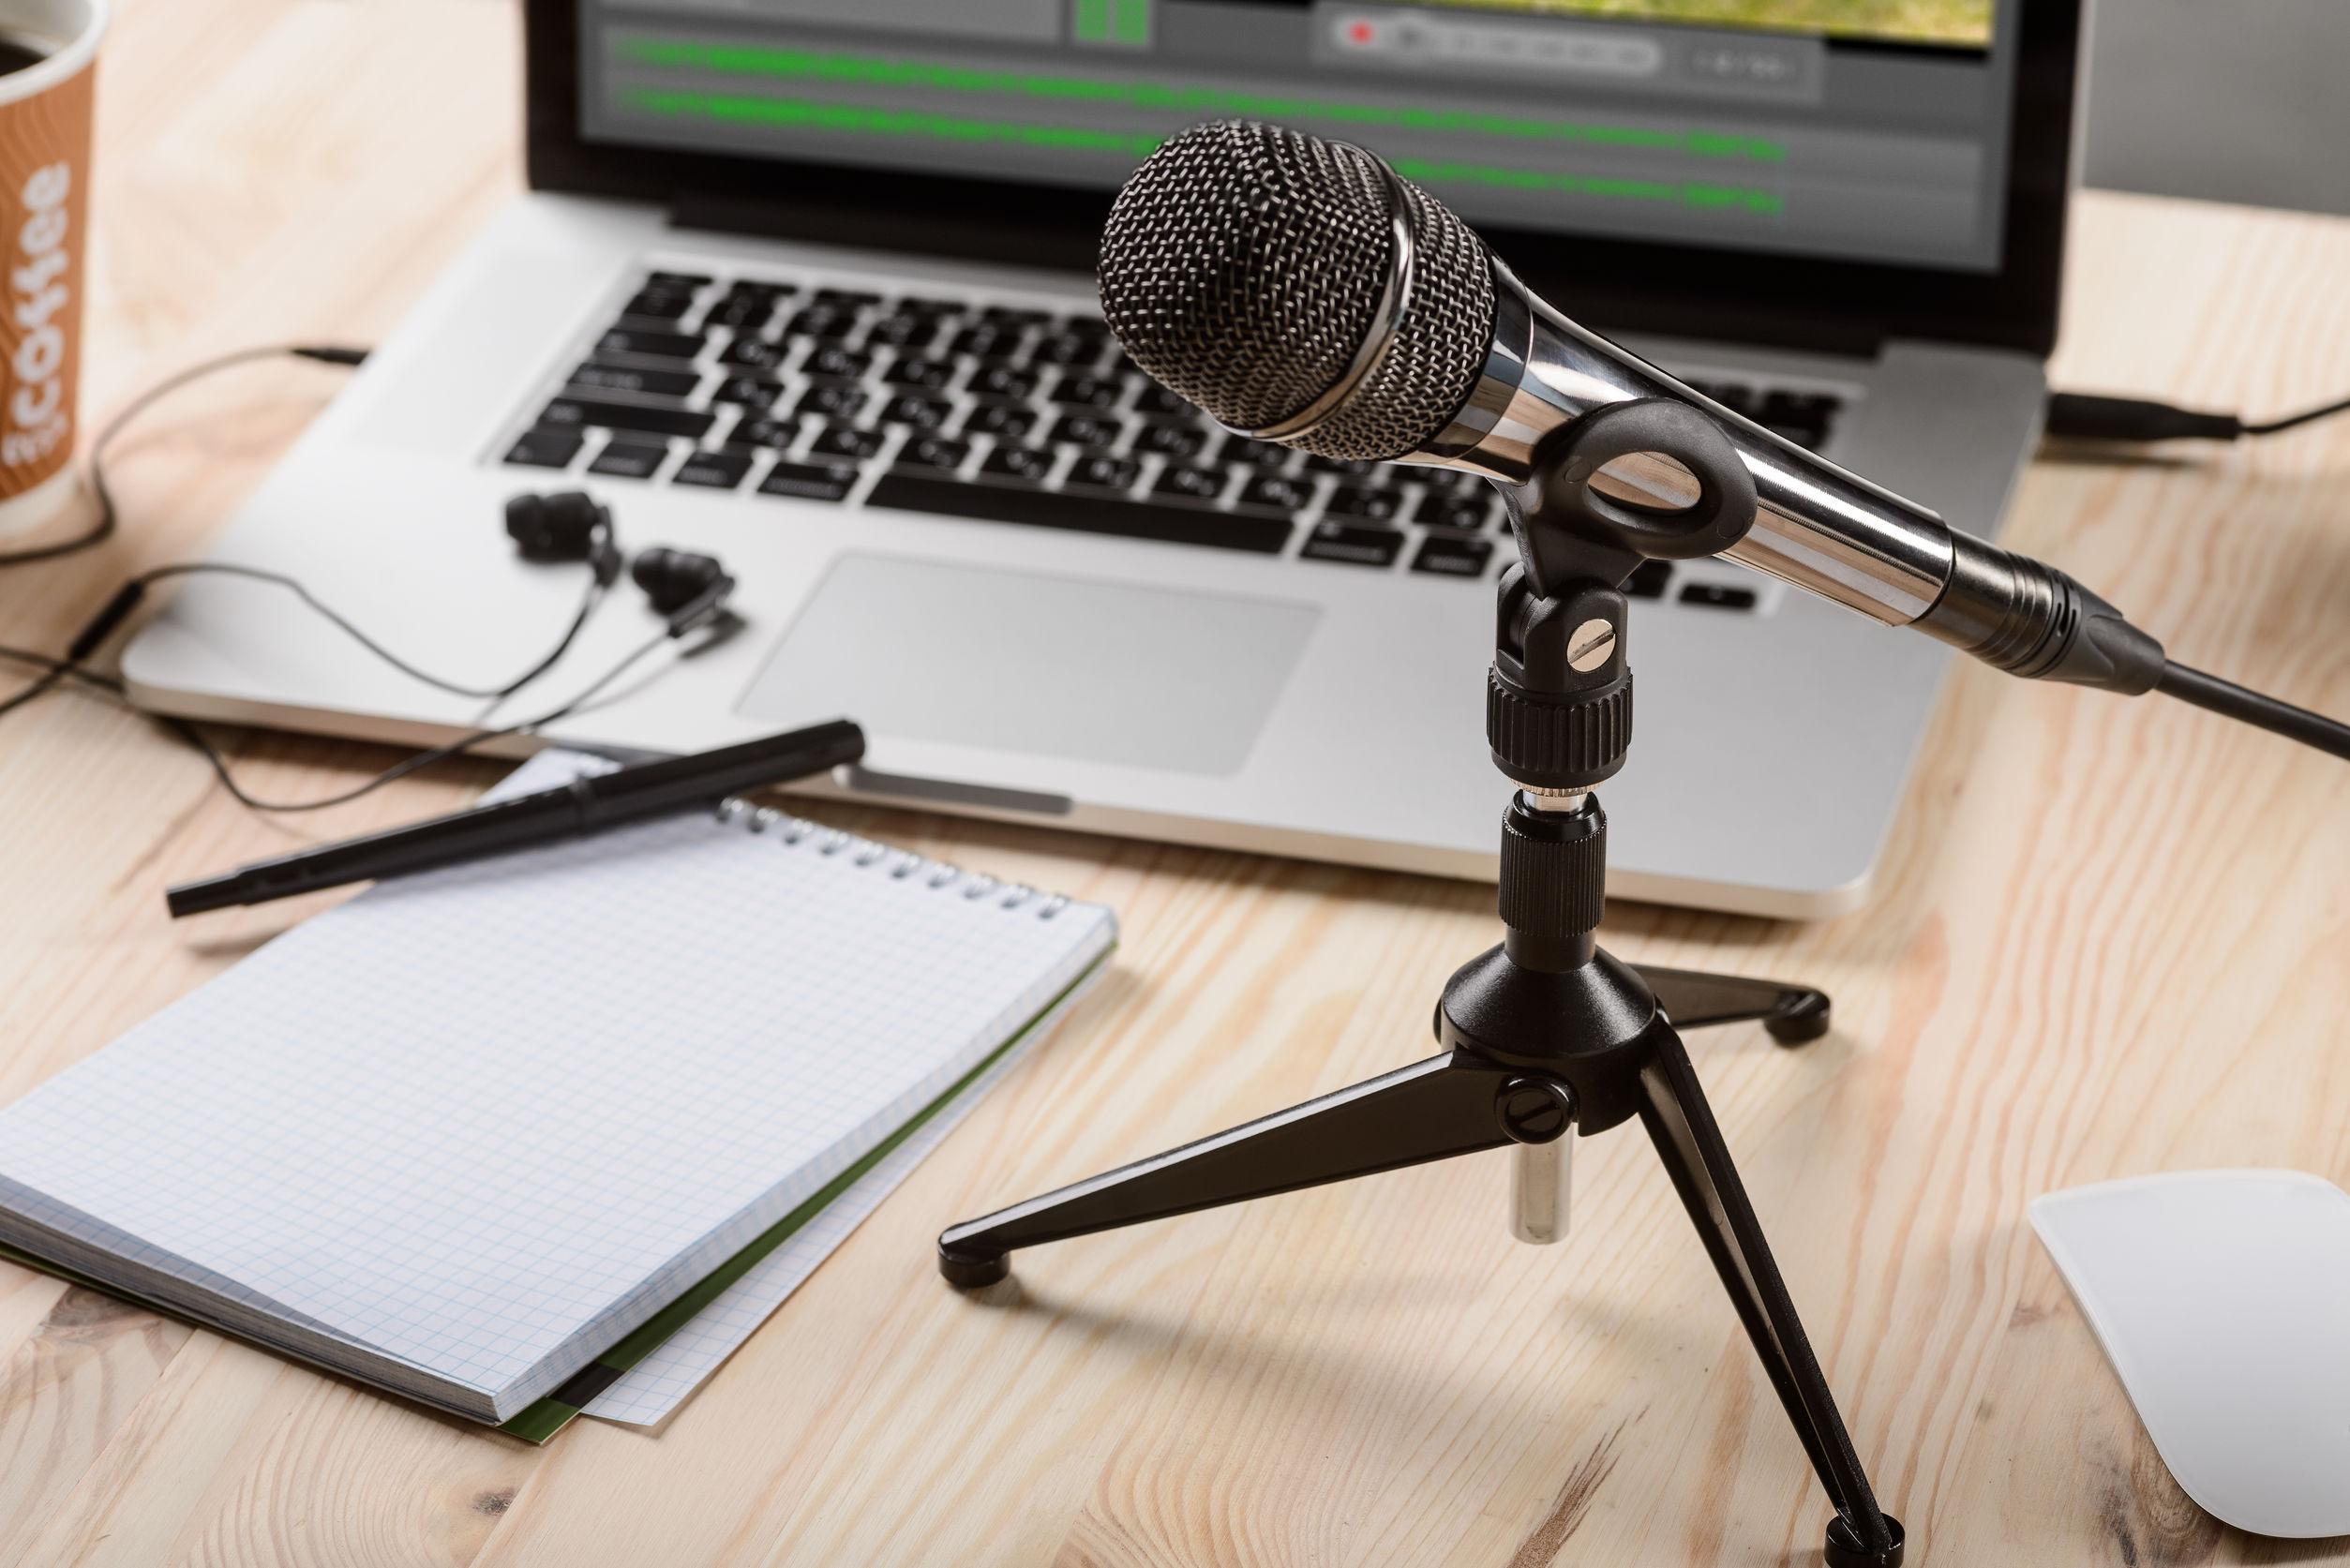 Miglior microfono per PC 2021: Guida all'acquisto